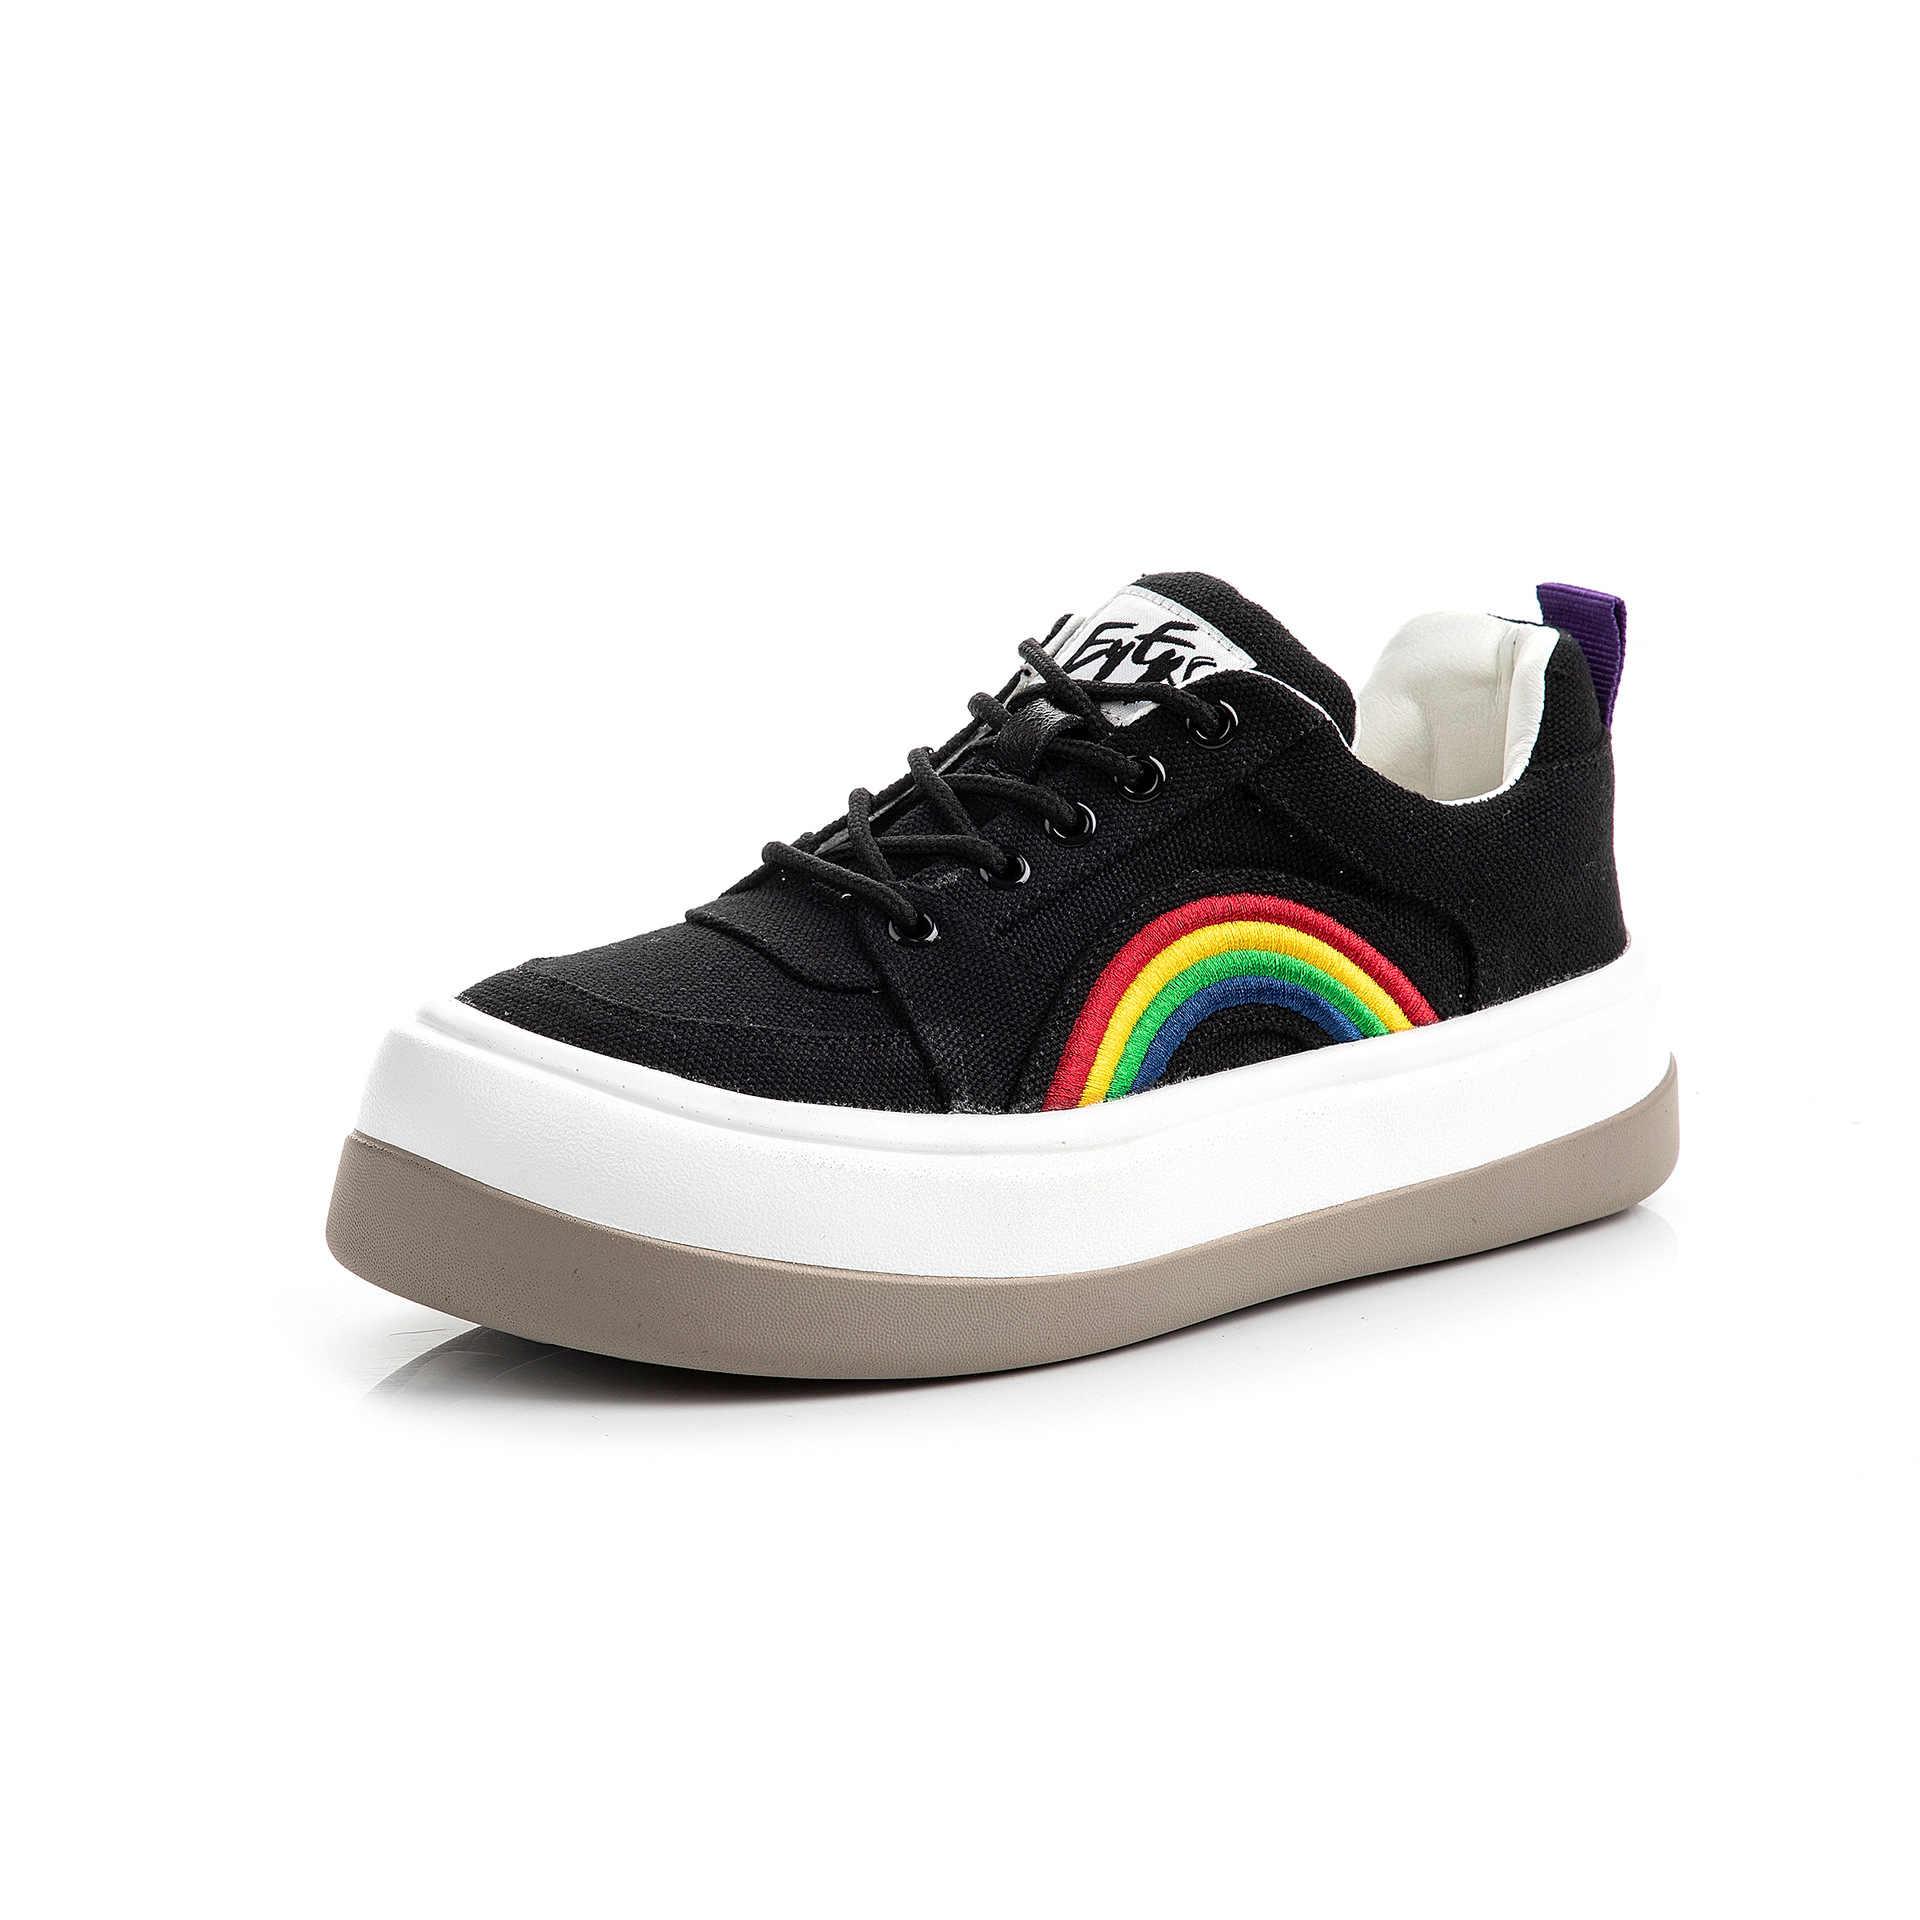 2020 scarpe da tennis della piattaforma scarpe da ginnastica bianche scarpe da donna lace-up scarpe di tela 5 centimetri di spessore suola scarpe casual